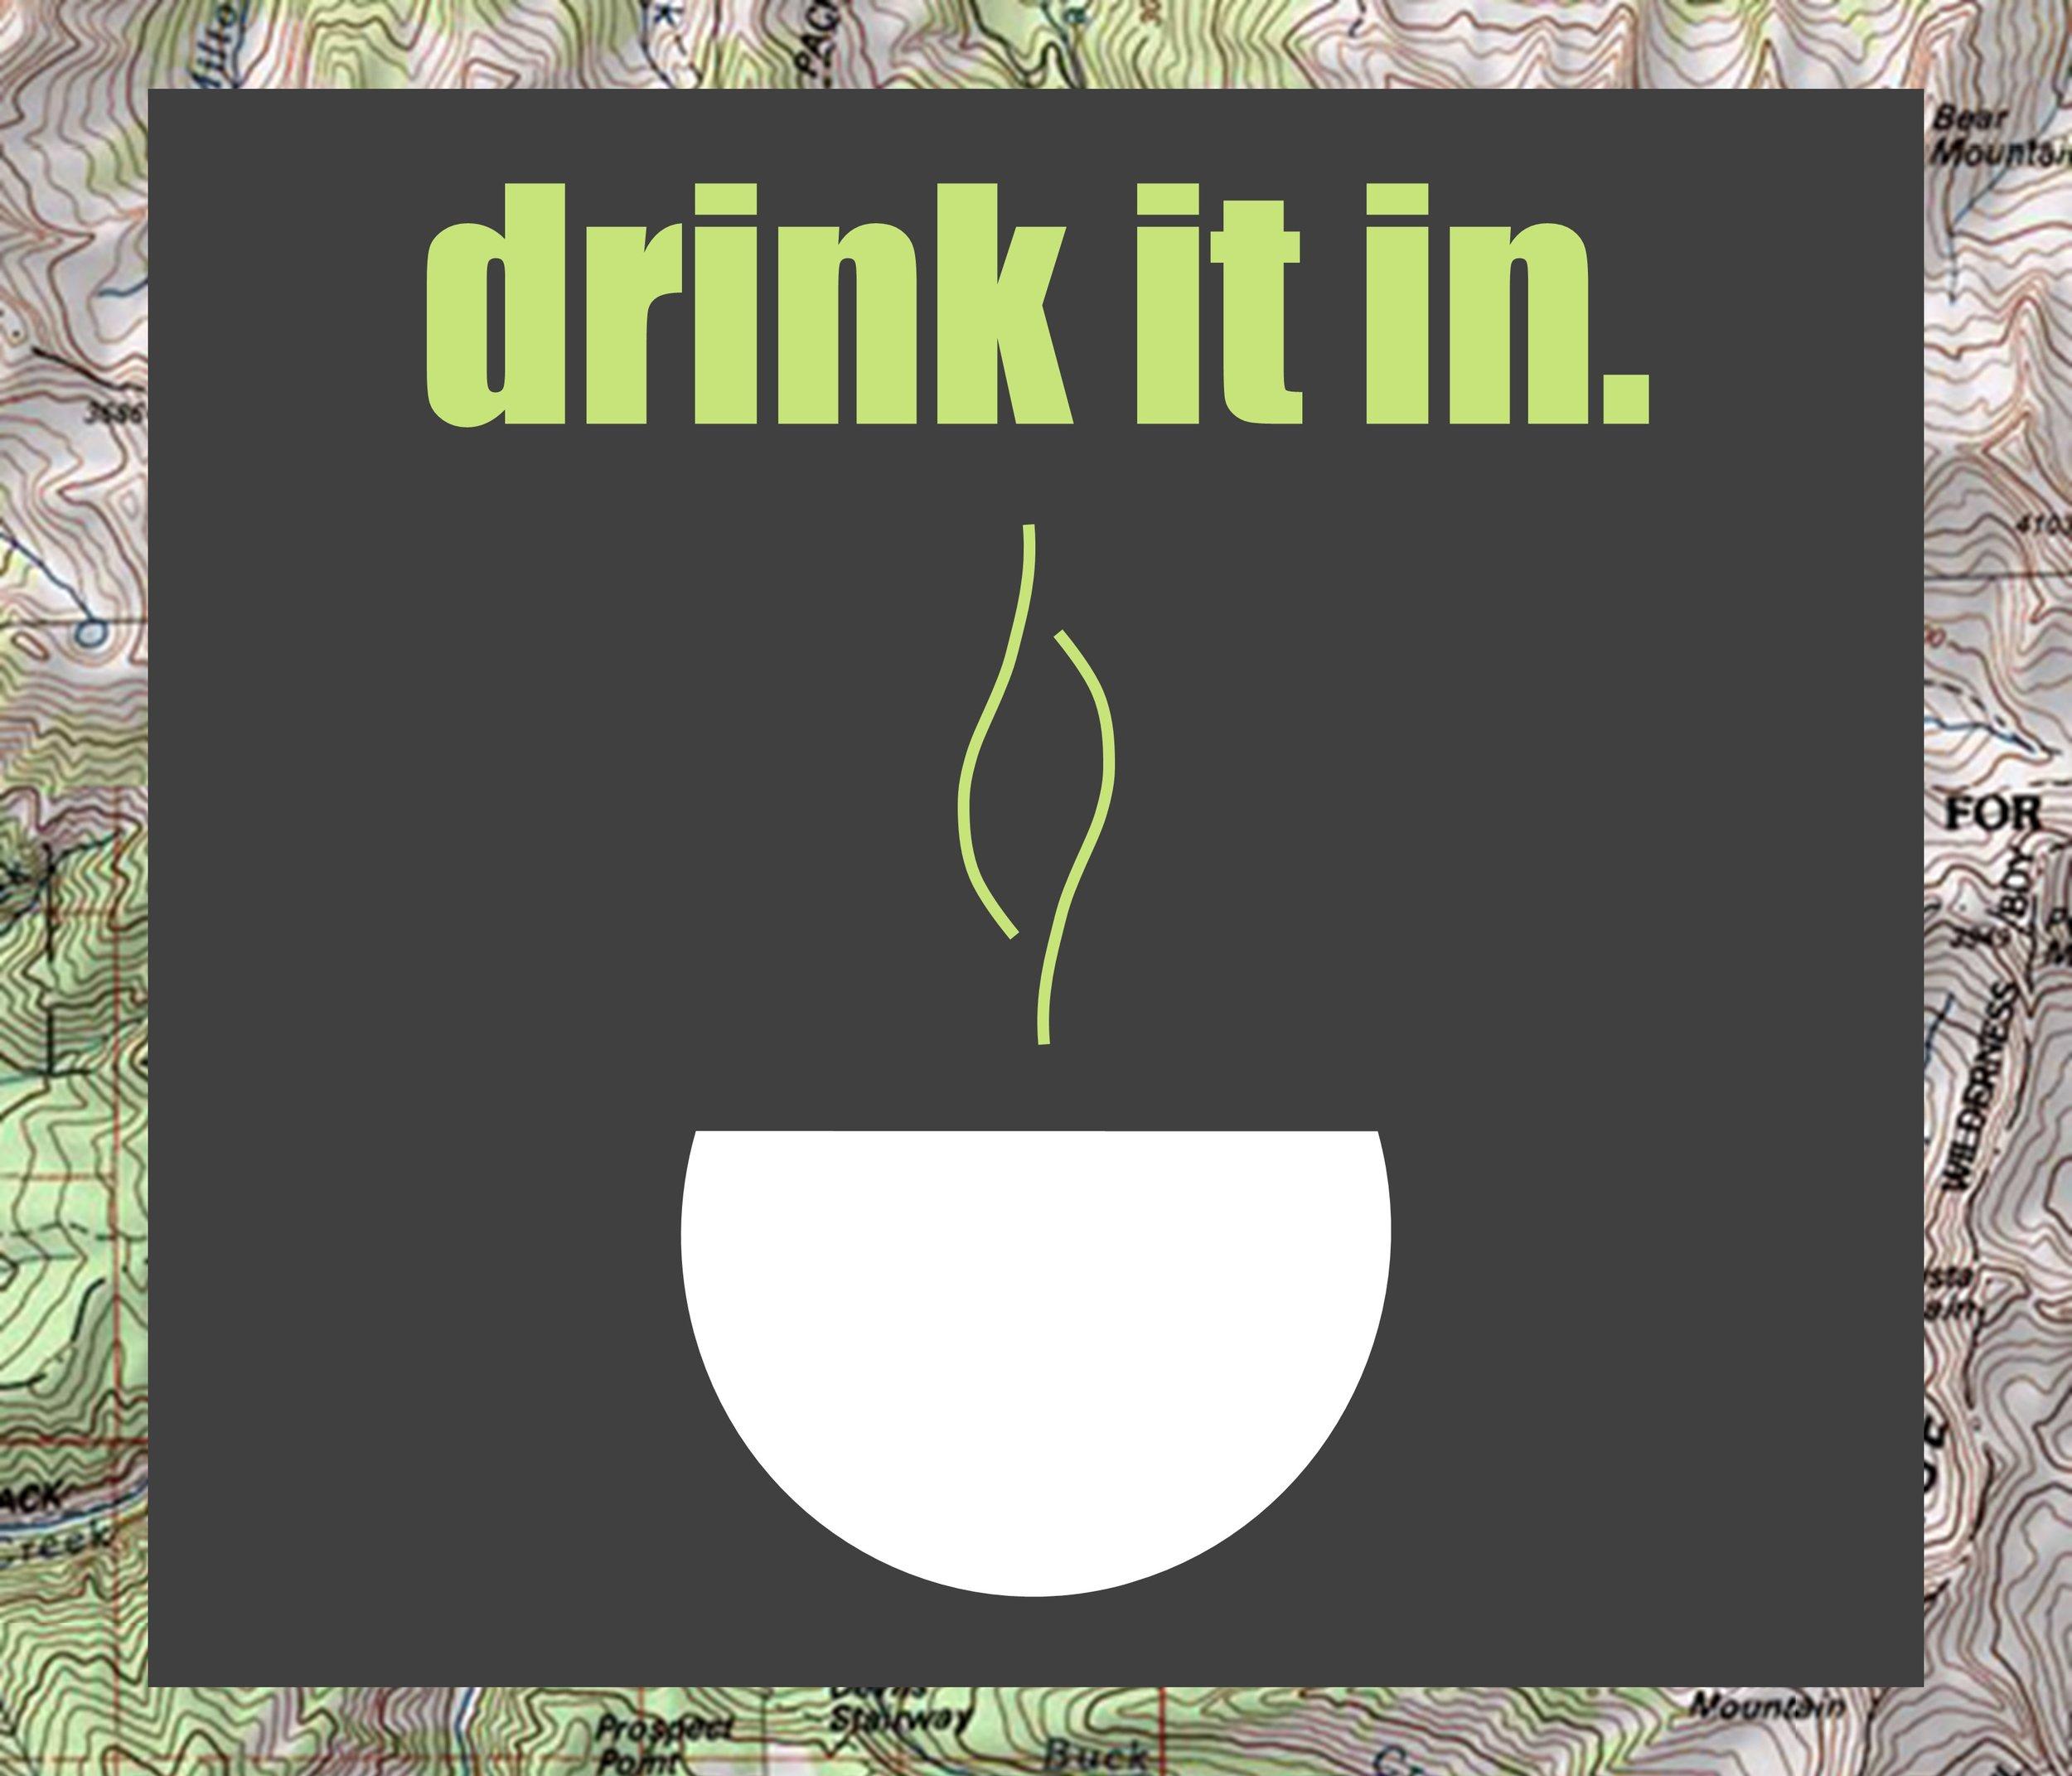 drinkitin..jpg